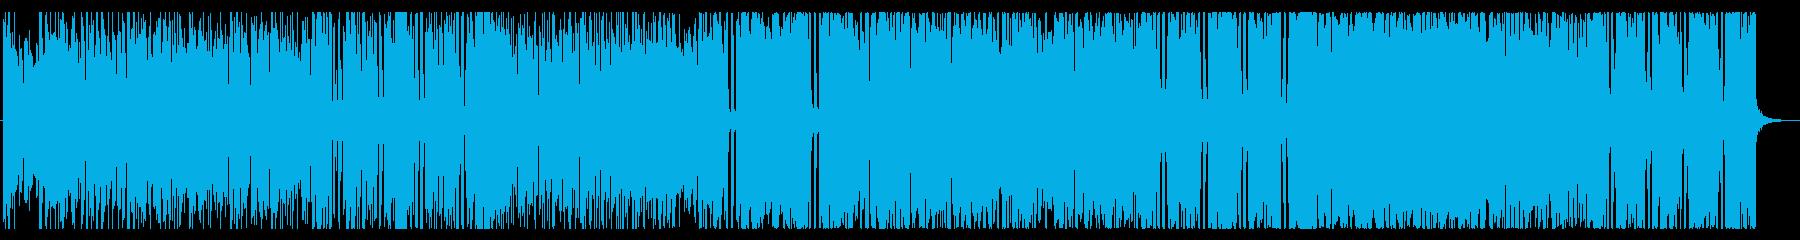 ドワーフをイメージしたほのぼのした楽曲の再生済みの波形